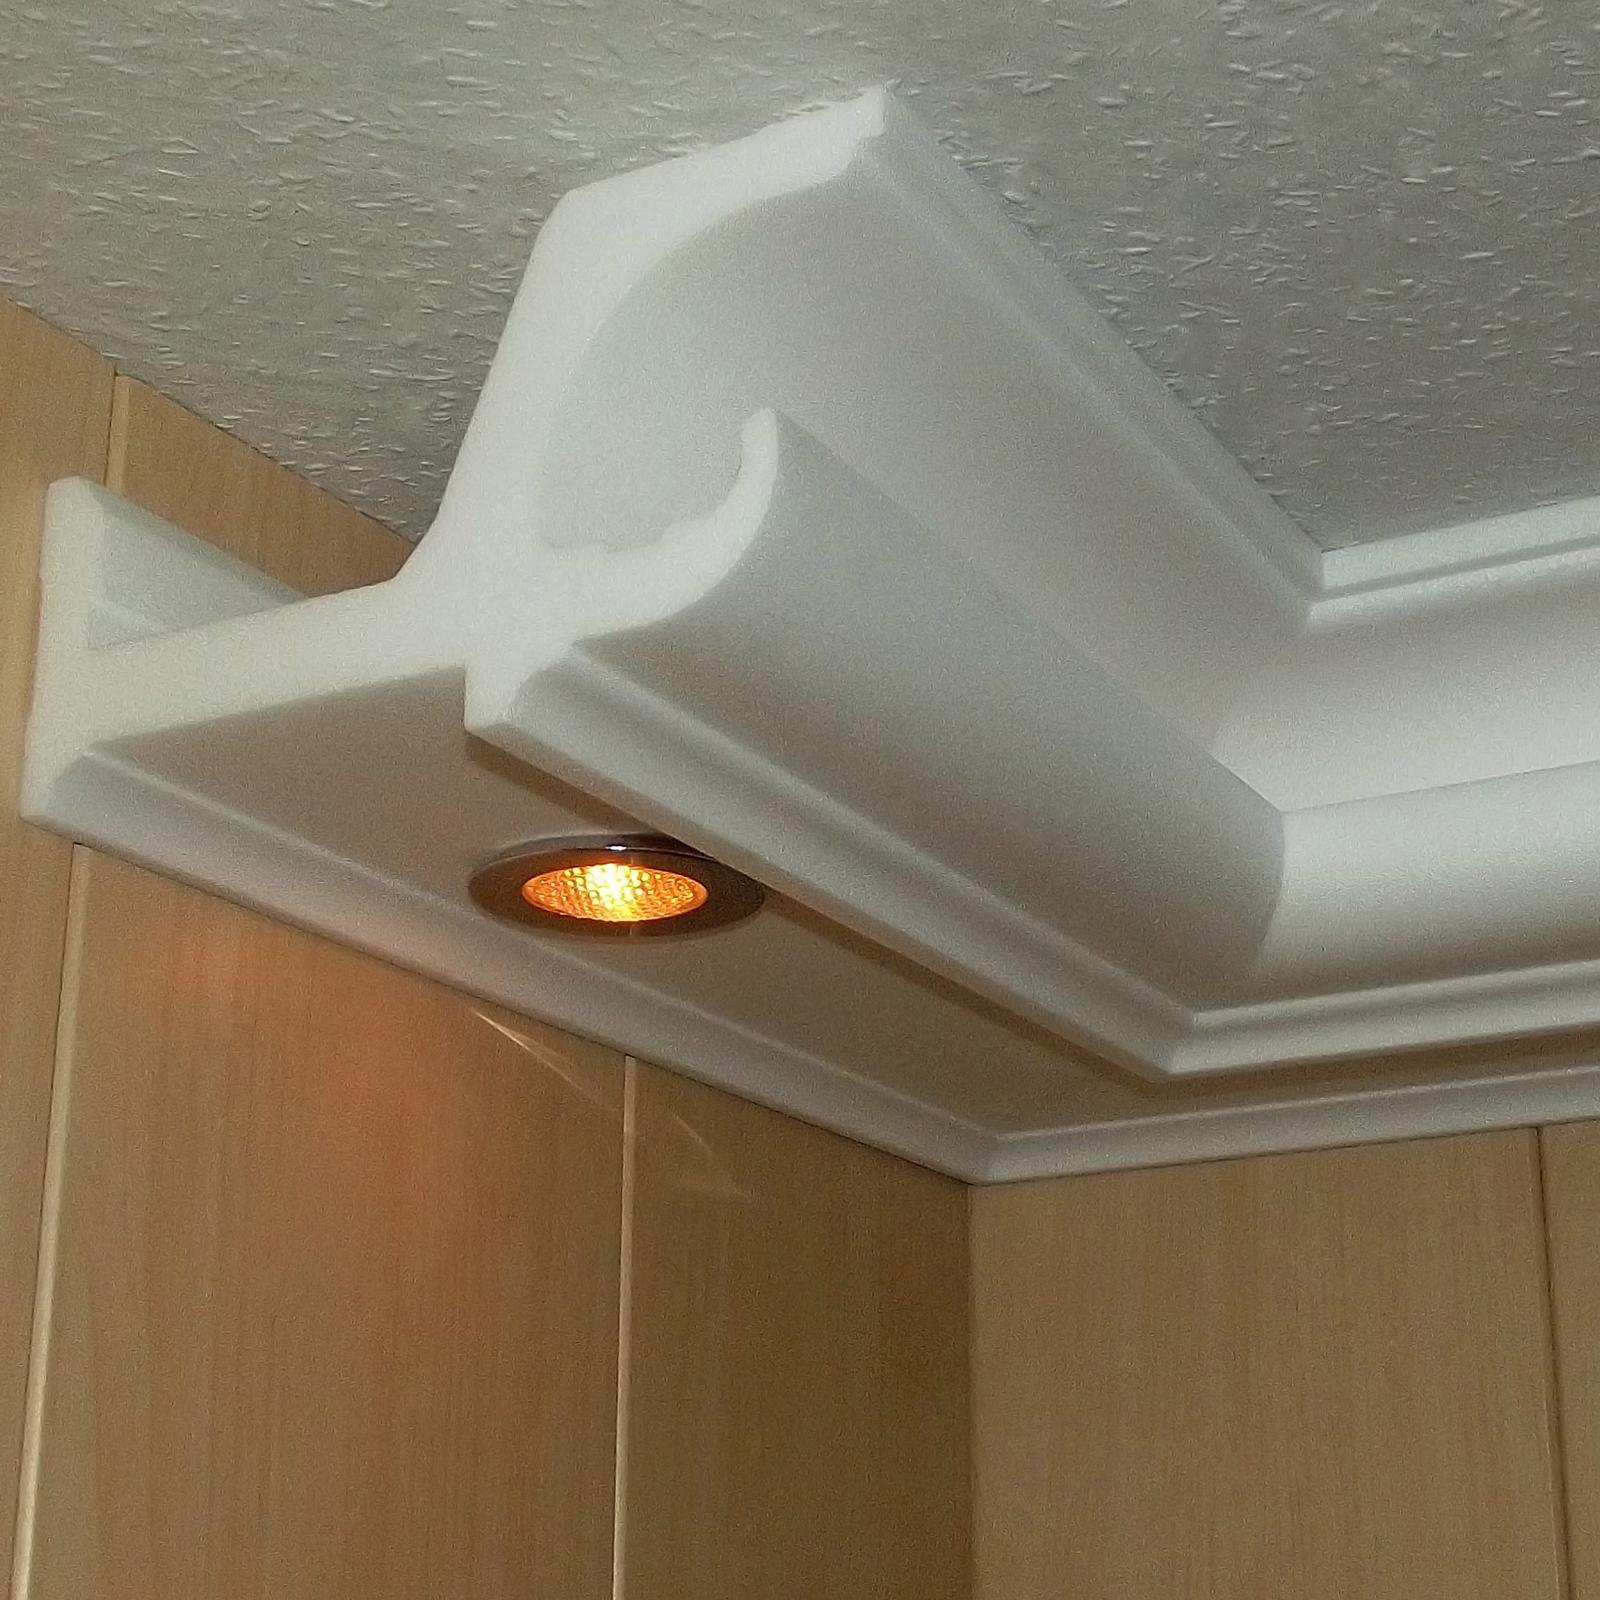 Deckenleiste Indirekte Beleuchtung | Stuck Led Beleuchtung Profil Zierprofil